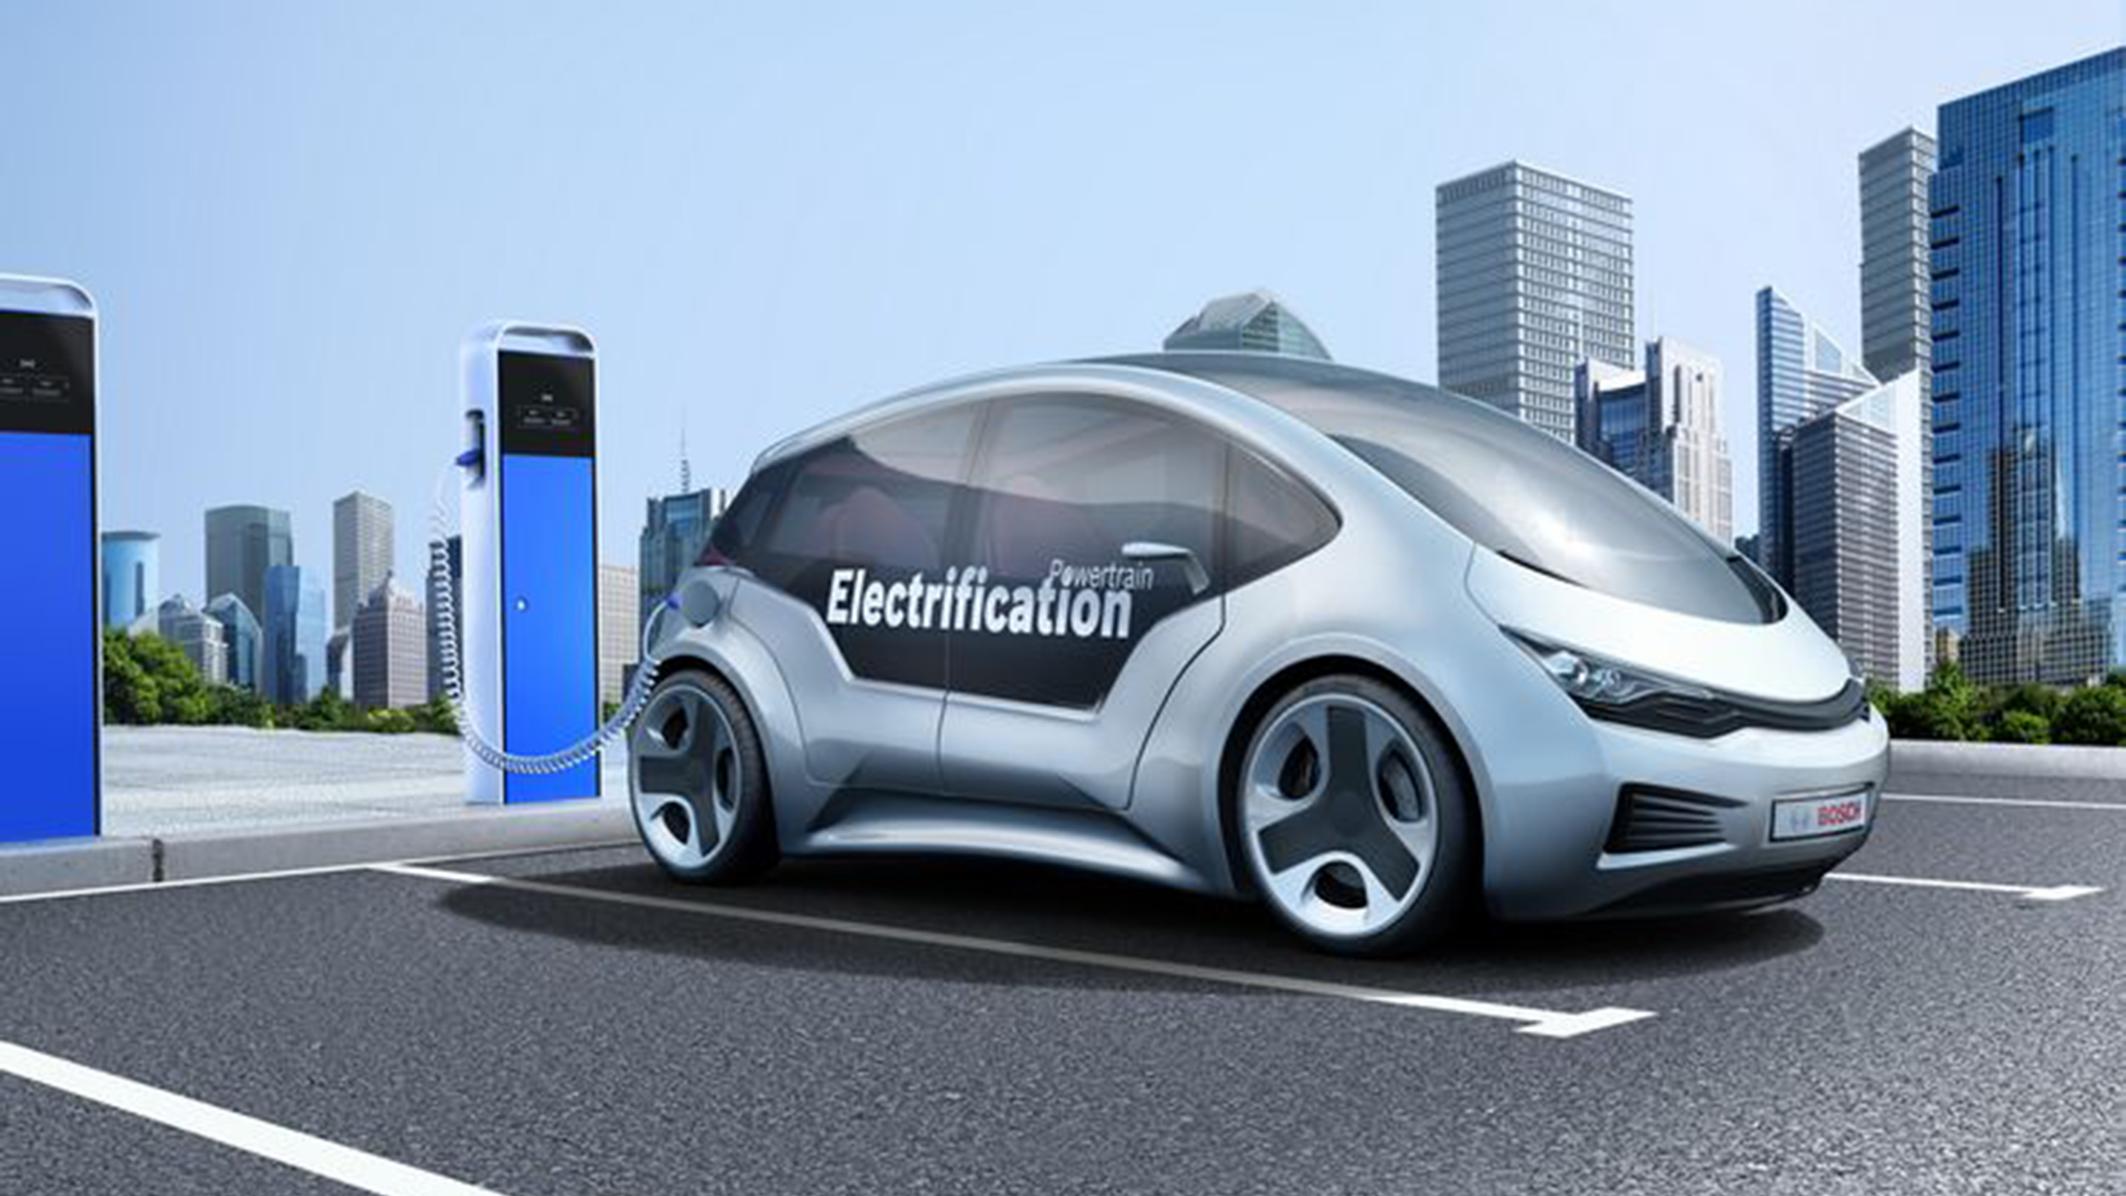 bosch steigt ins carsharing mit elektro-transportern ein - bosch